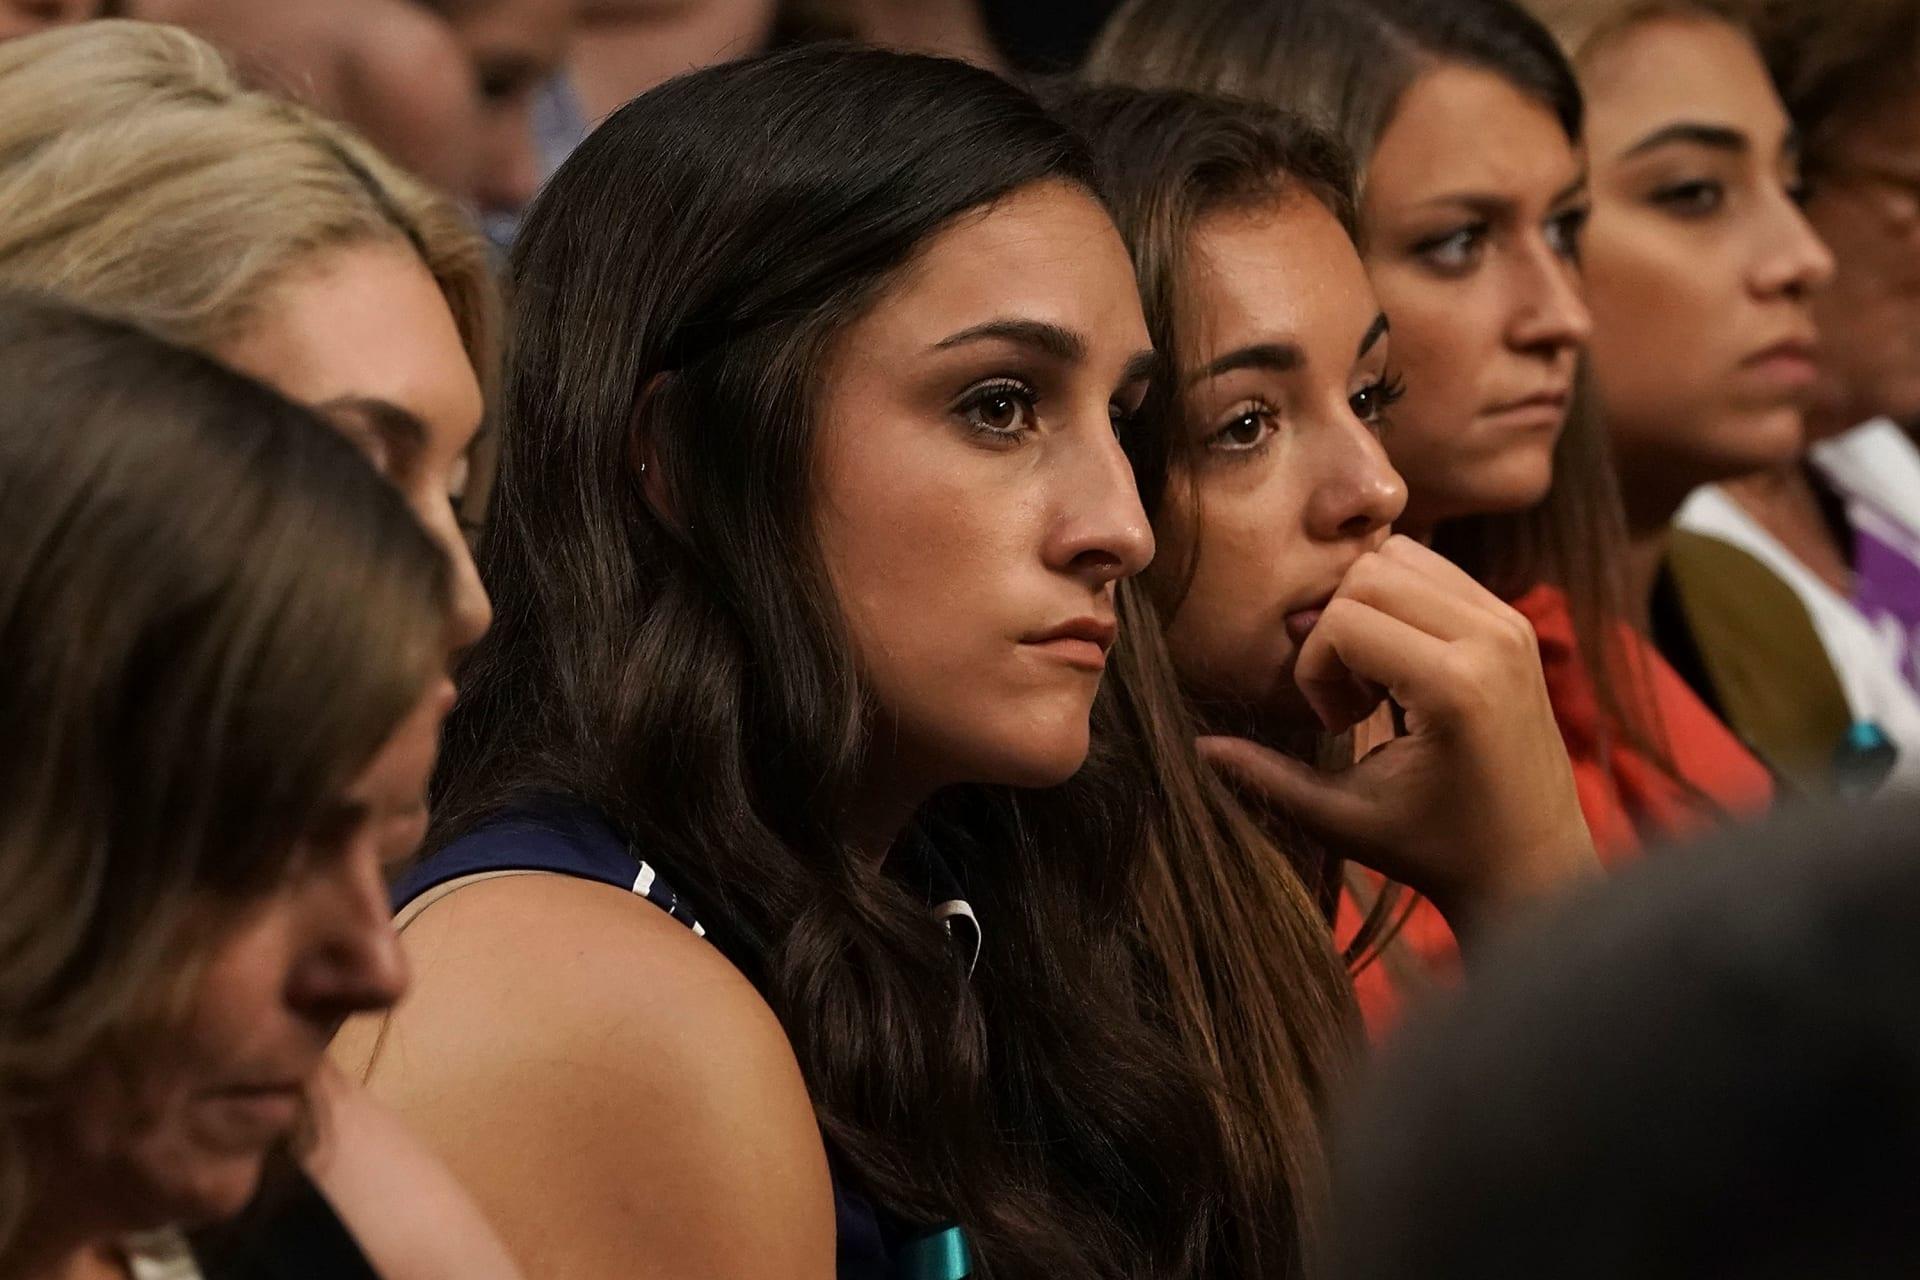 الناجيات من الاعتداء الجنسي من قضية لاري نصار للاعتداء الجنسي خلال جلسة استماع في مبنى الكونغرس - 24 يوليو 2018.